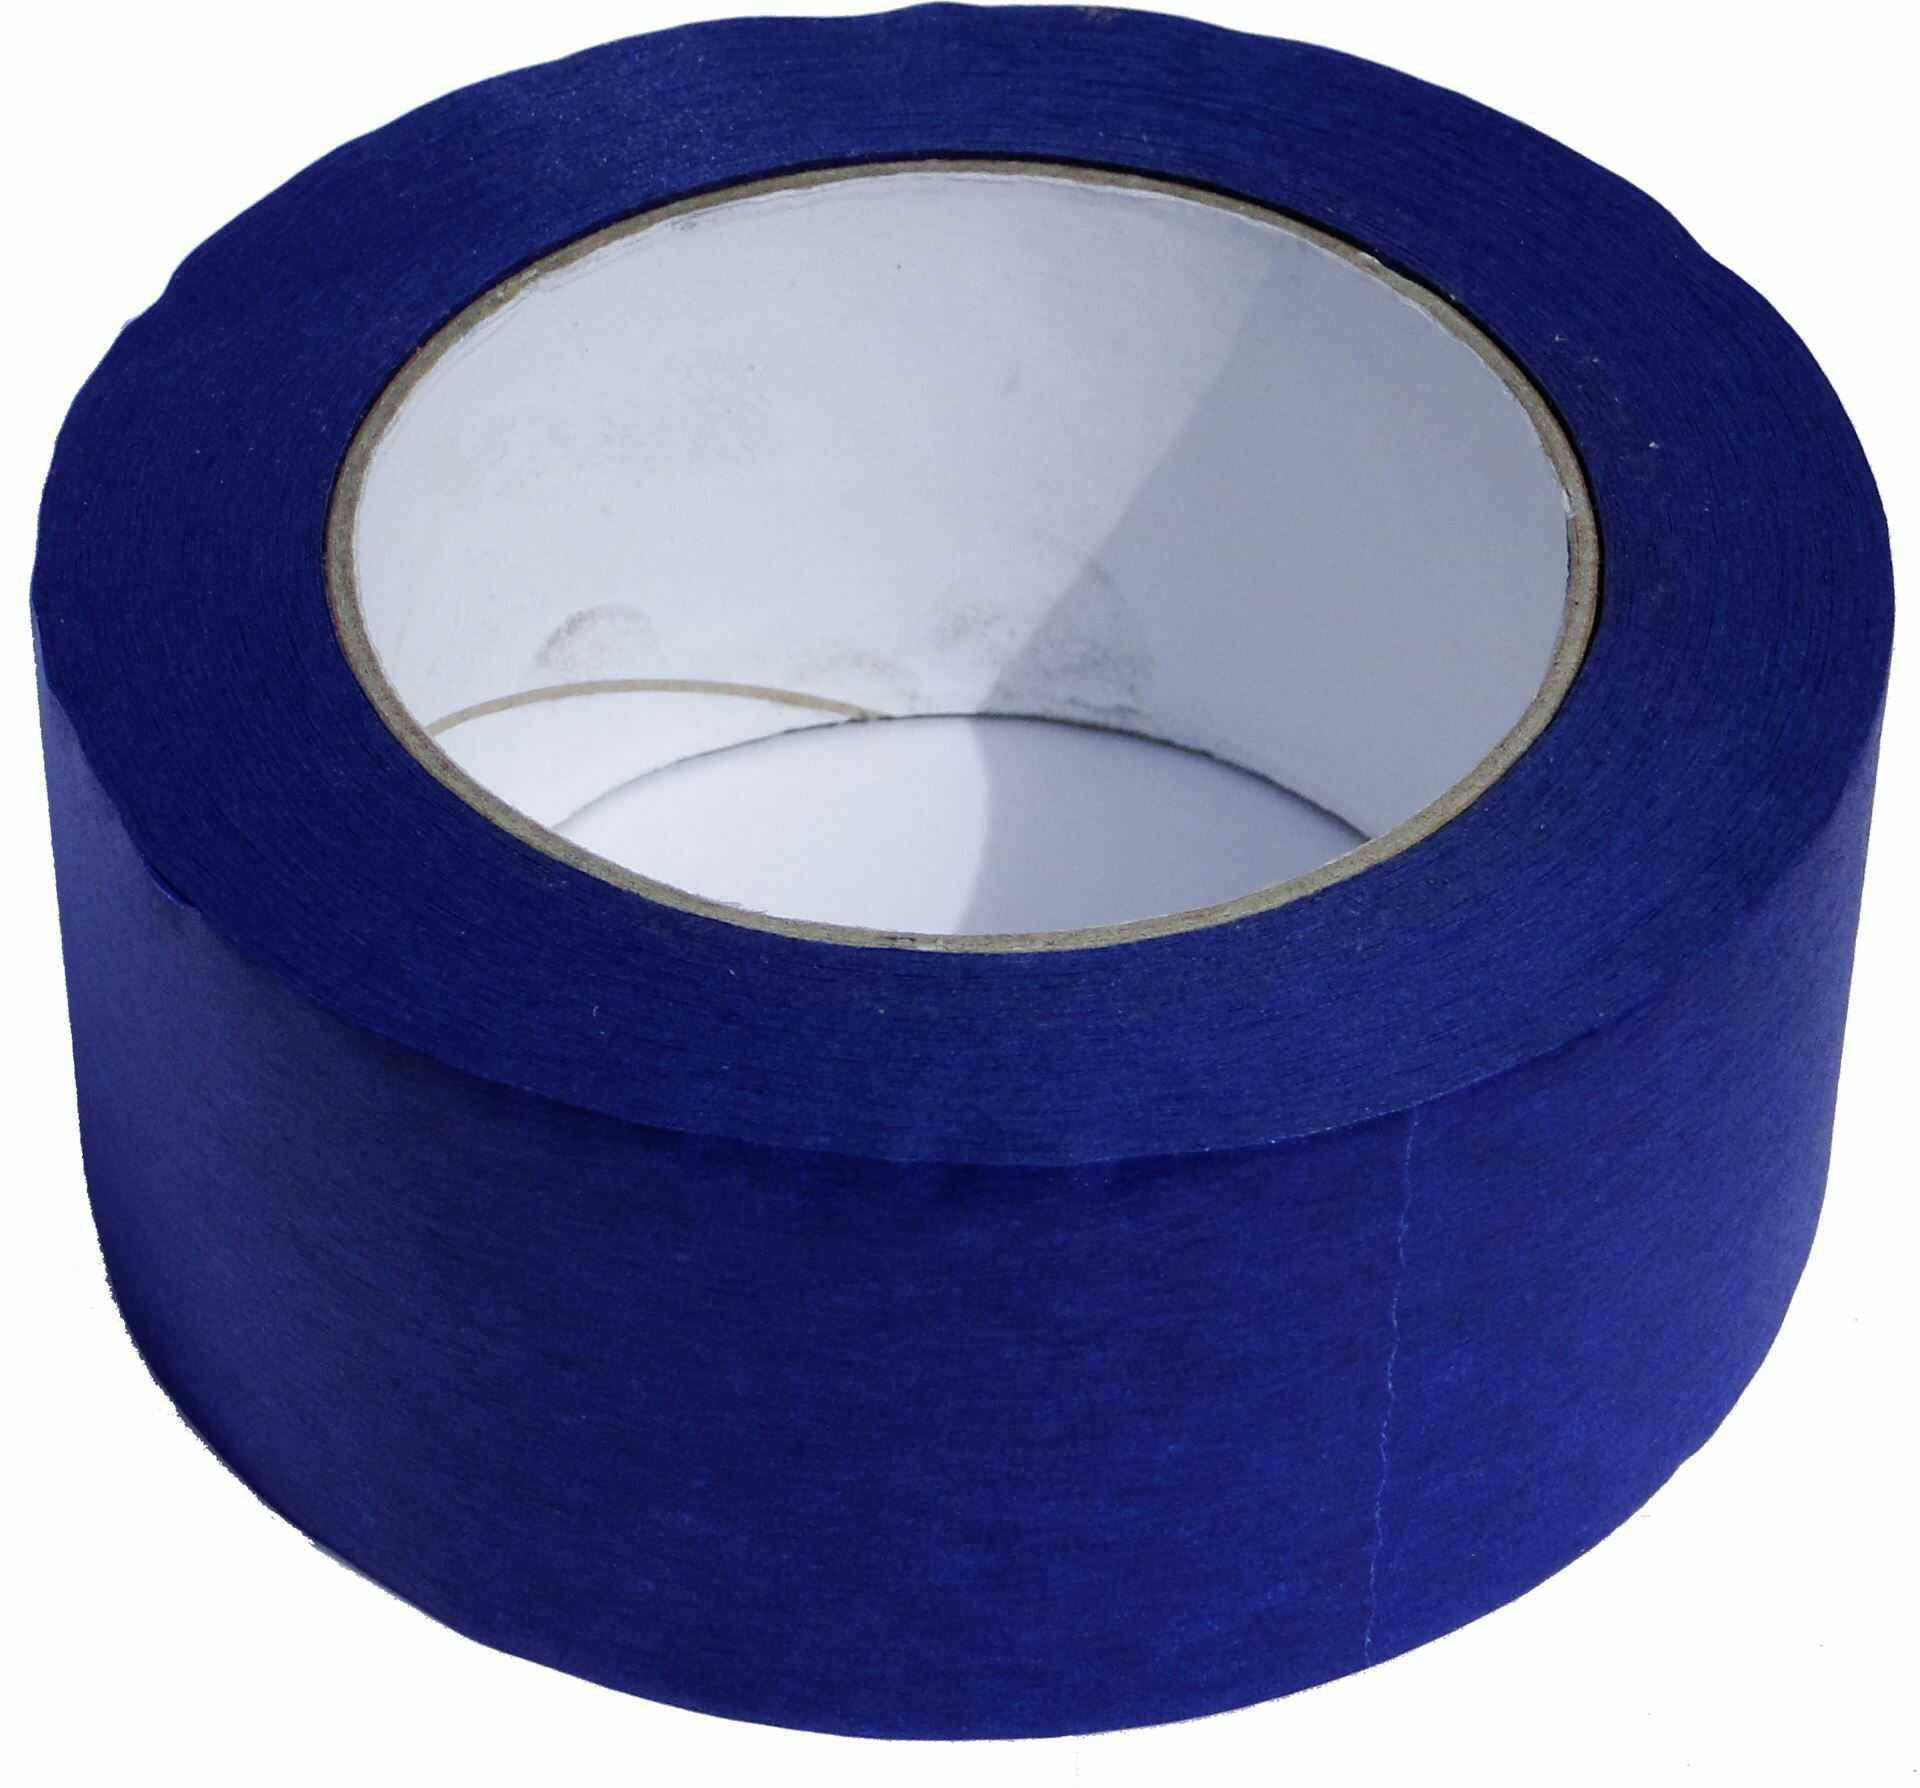 Taśma malarska niebieska 38mm x 25m